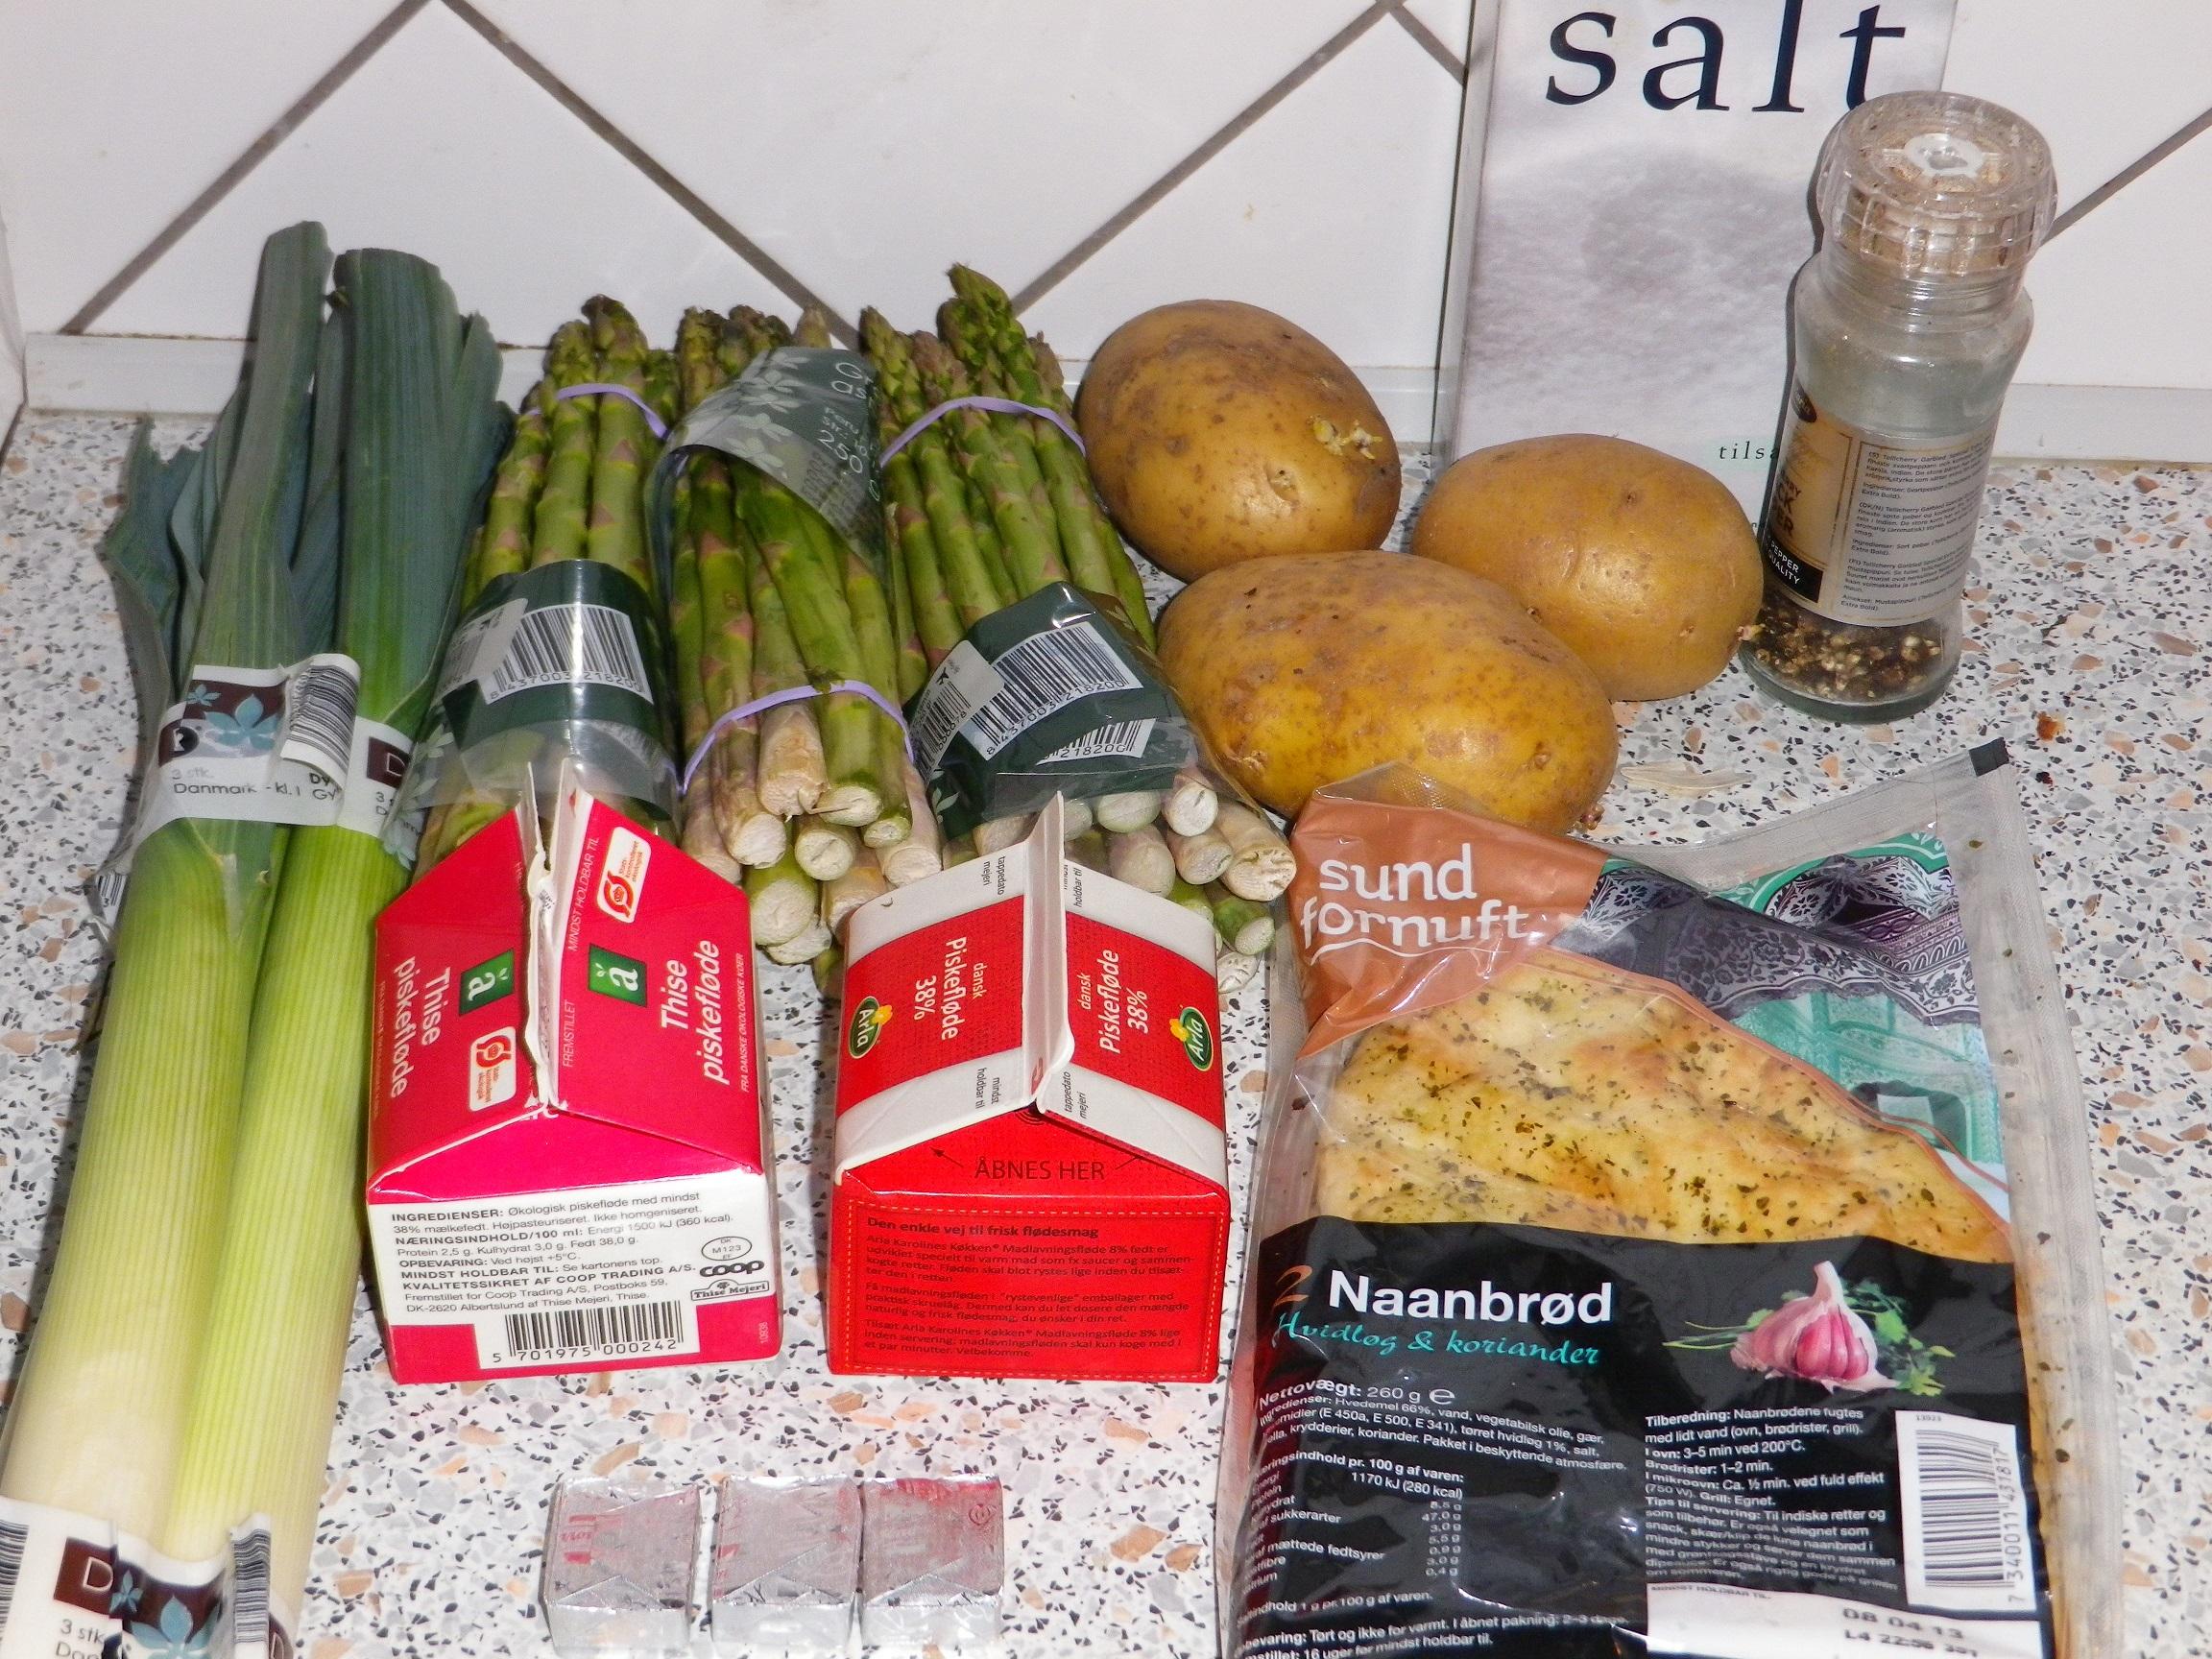 aspargessuppe med kødboller